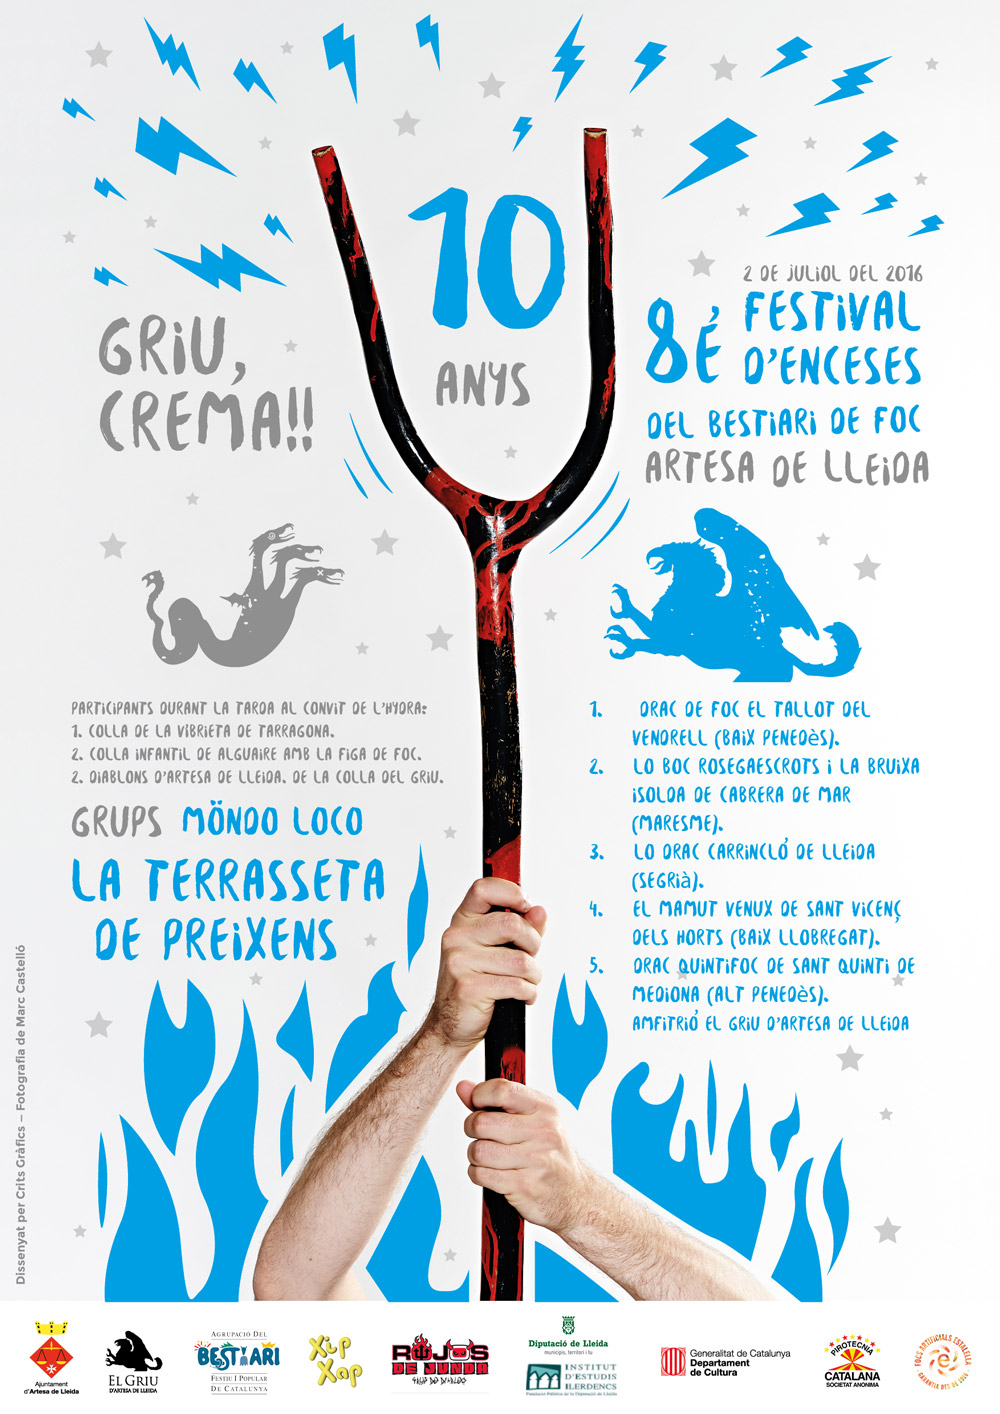 Diseño del Cartel comemorativo de los 10 años del Griu Artesa de lleida. Disseny del cartell comemoratiu dels 10 amnys del Griu Artesa de Lleida.